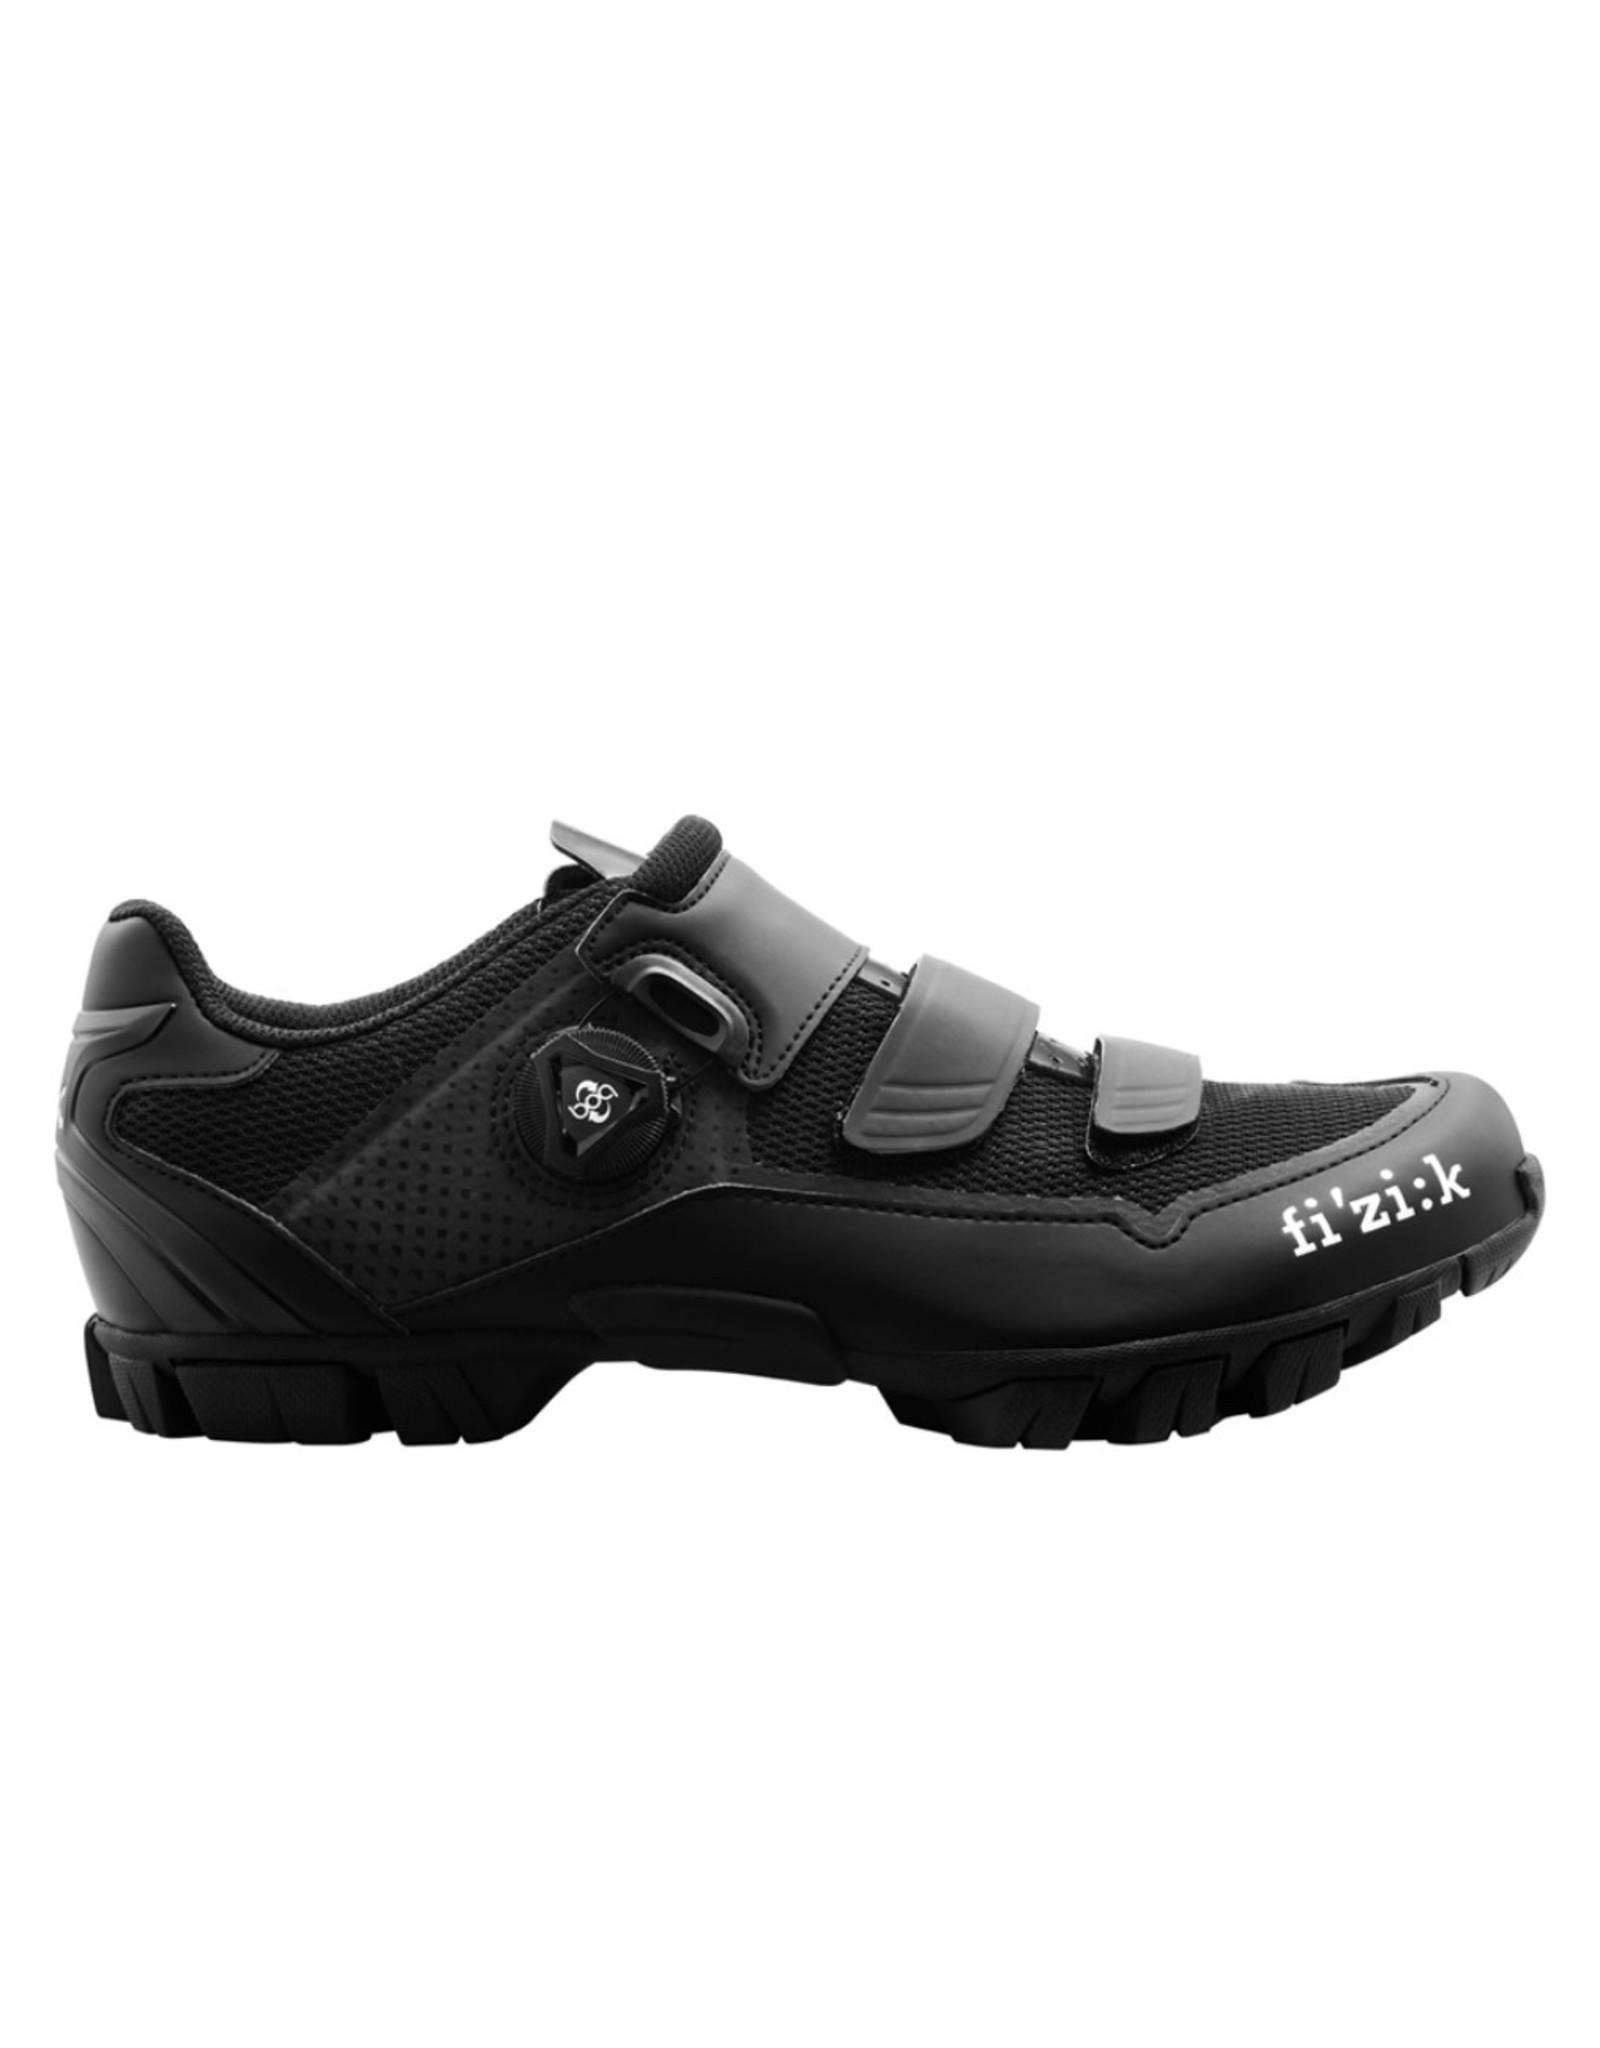 Fizik Chaussures vélo de route fizik X-ROAD M6